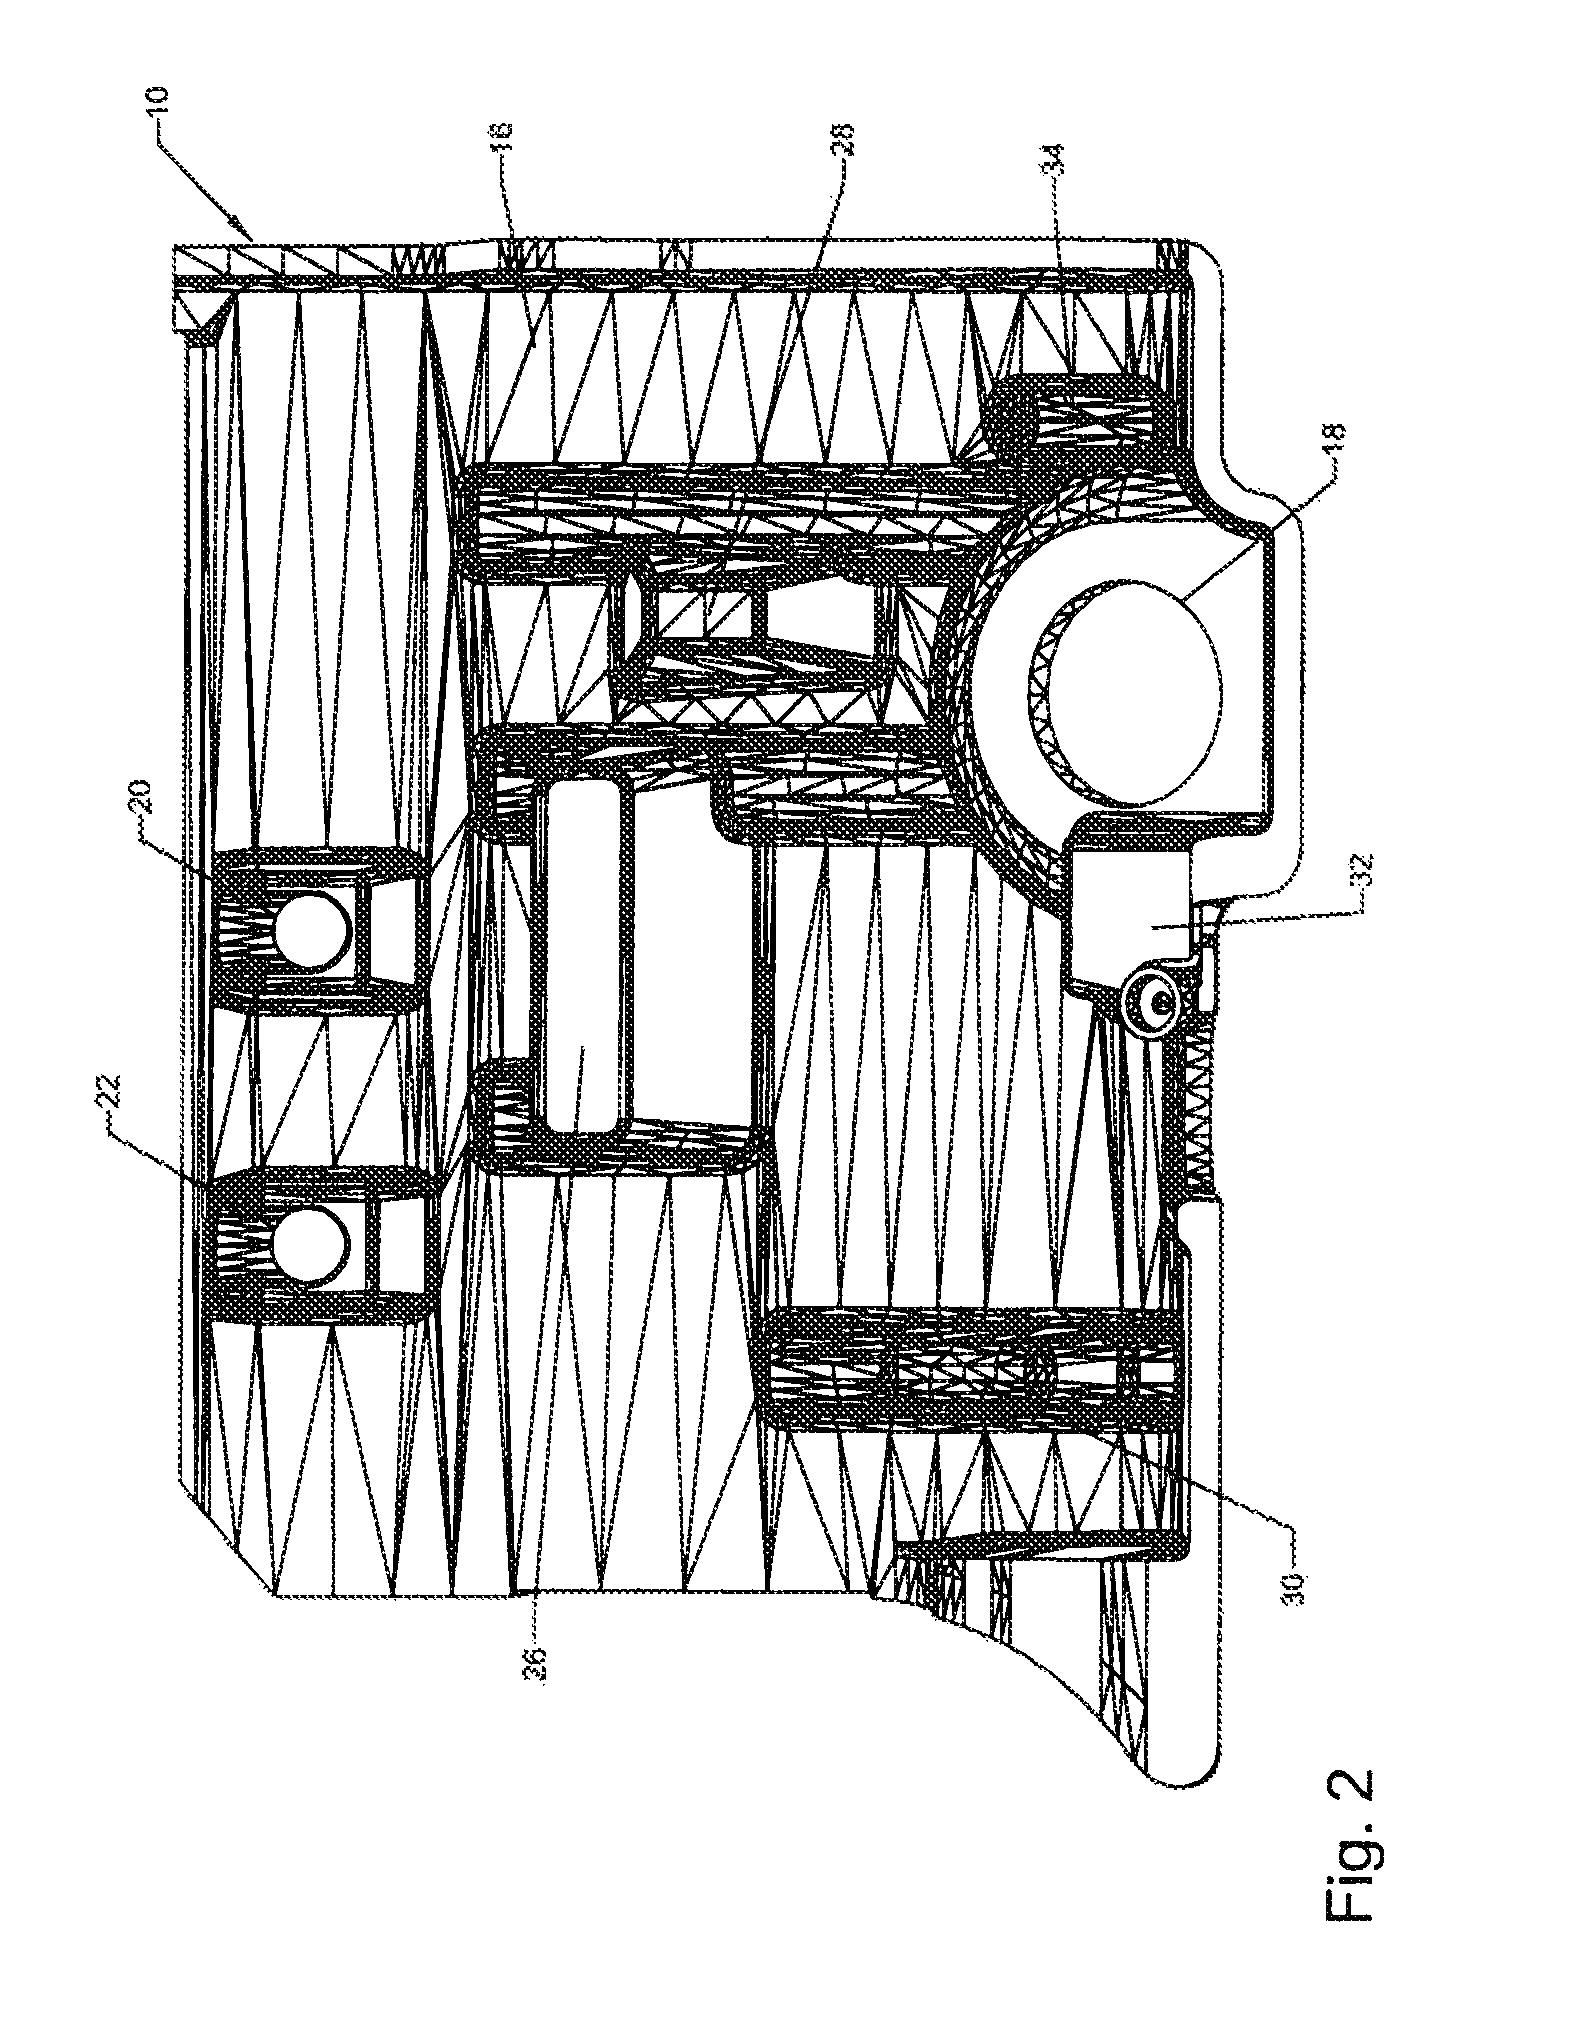 2055 mini cooper engine diagram   31 wiring diagram images